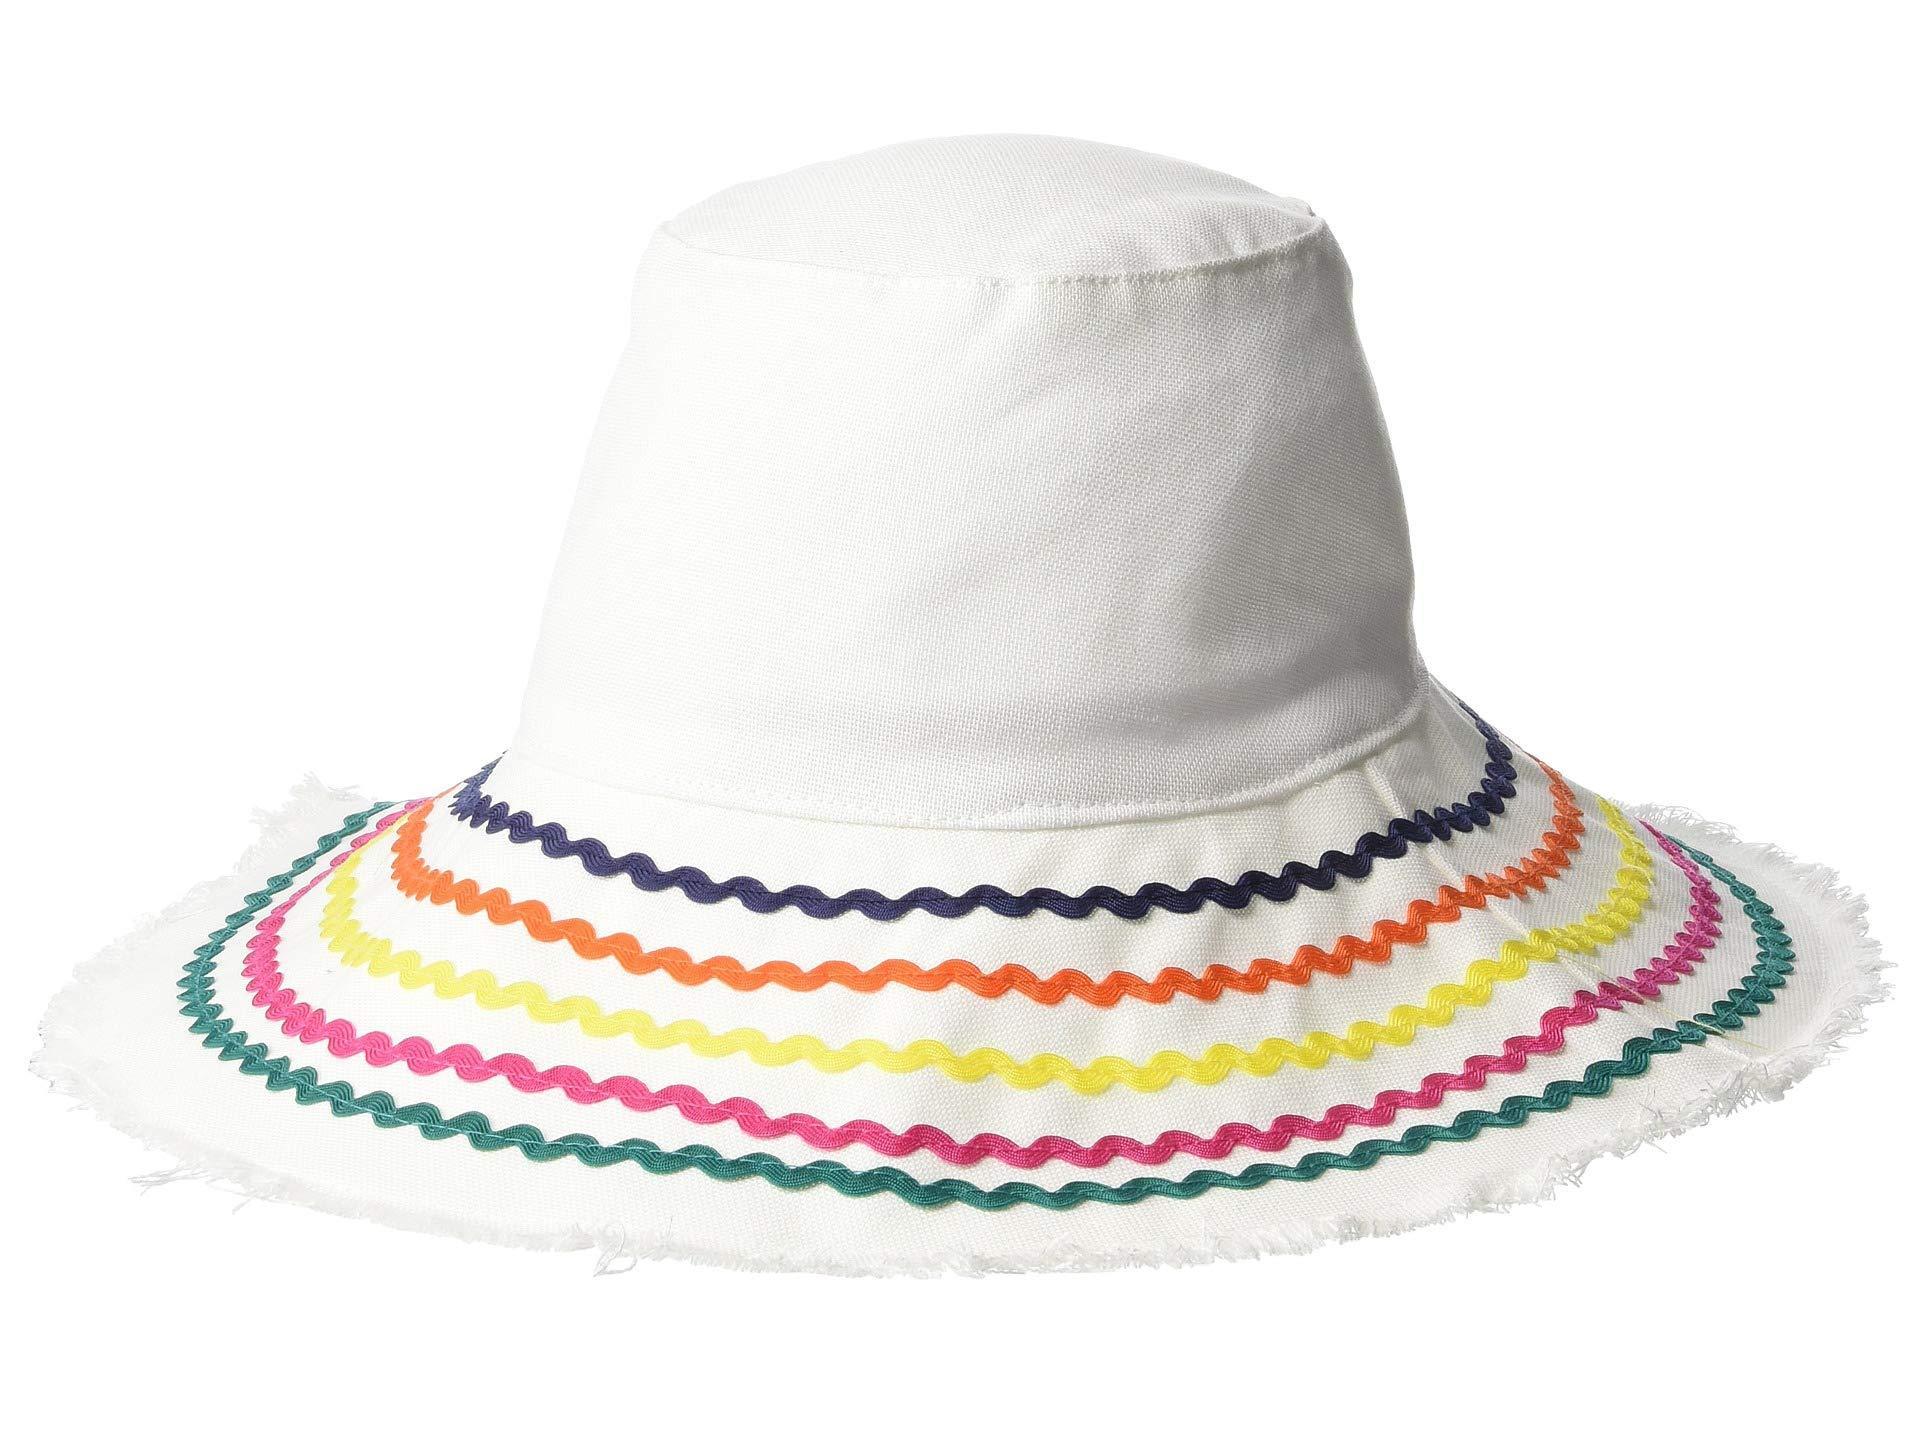 Lyst - San Diego Hat Company Cth8264 - Bucket Hat With Ric Rac Trim ... 462970a3c47c